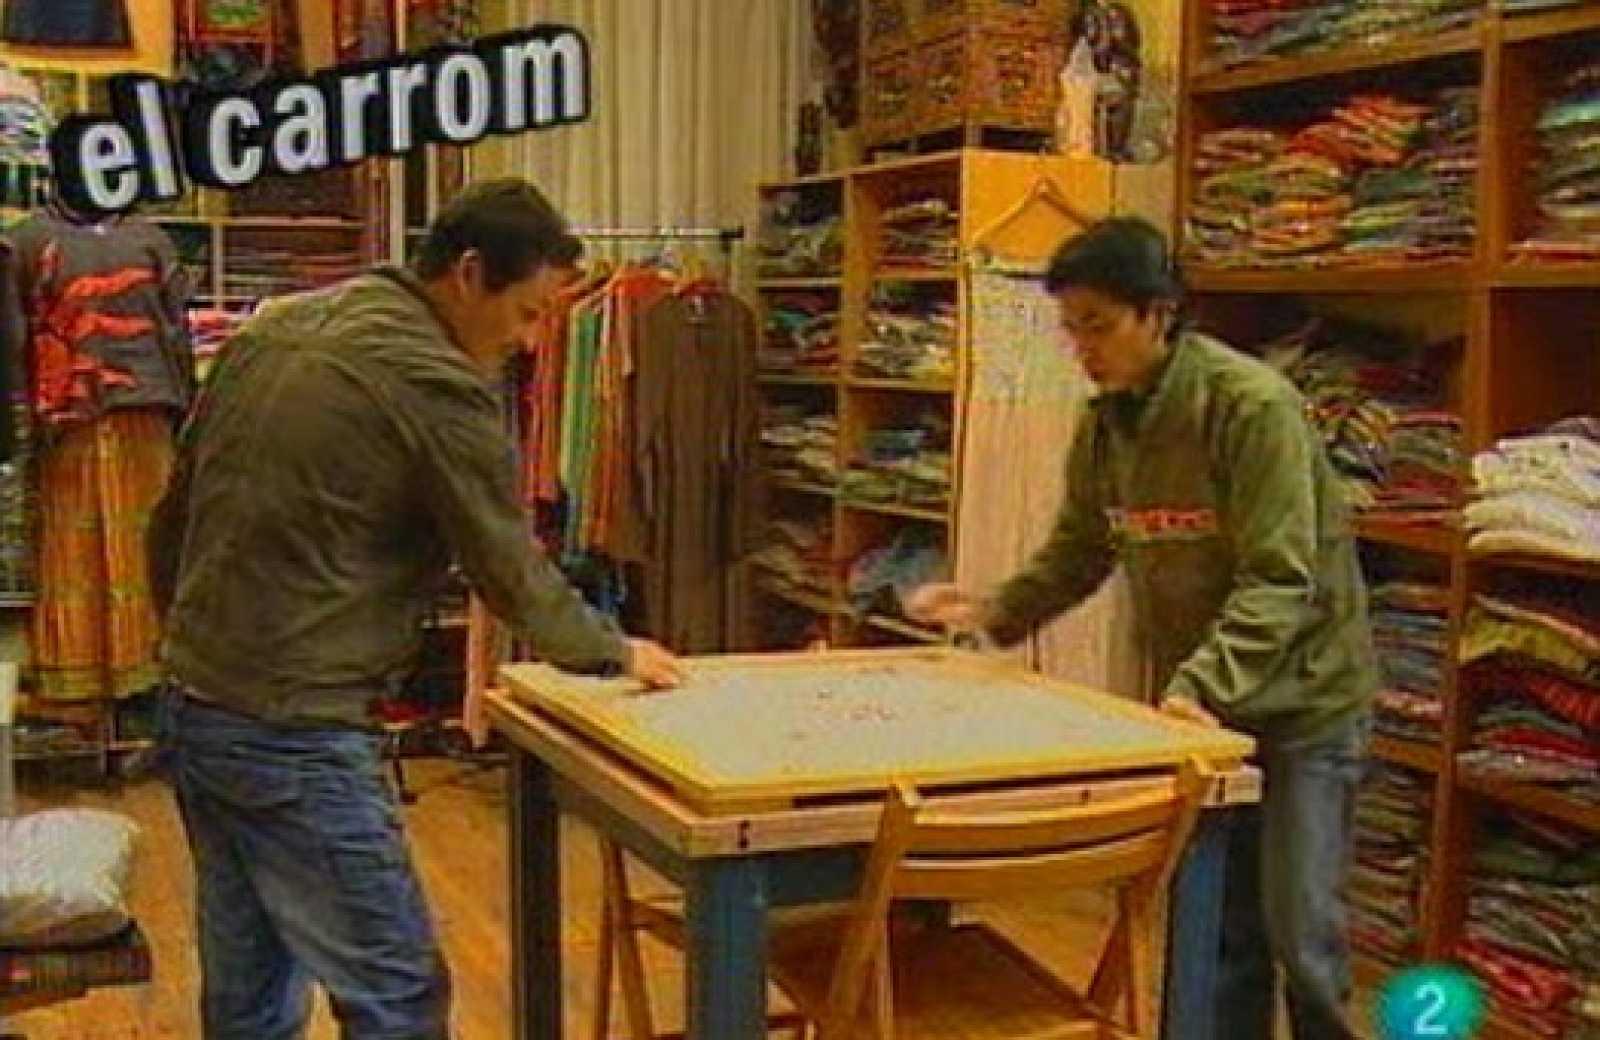 Babel en TVE - El juego: El carrom